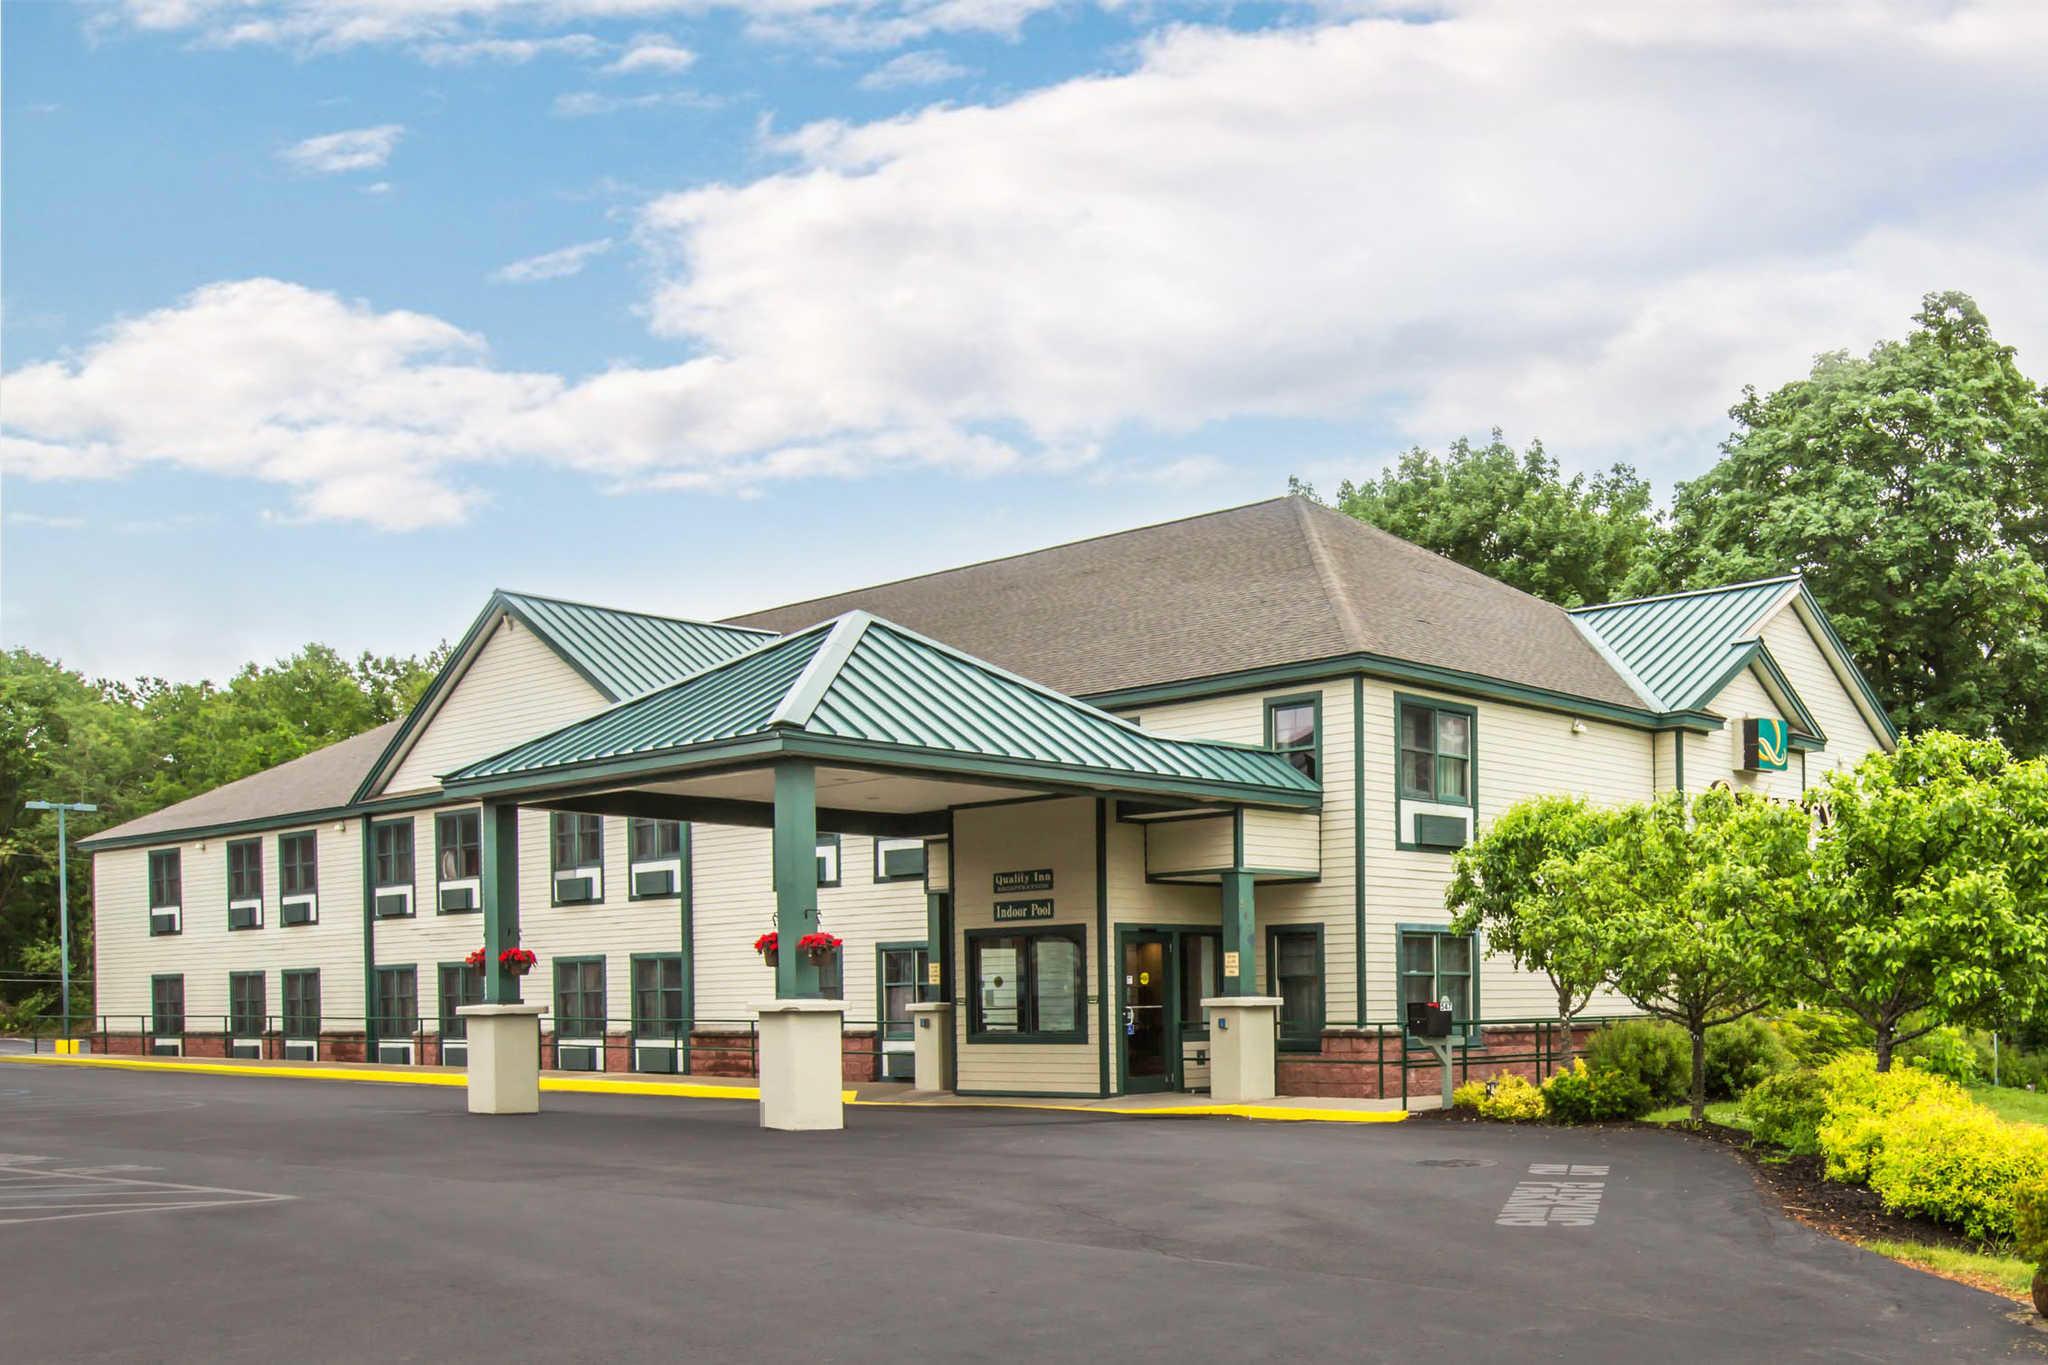 Glens Falls Hotels